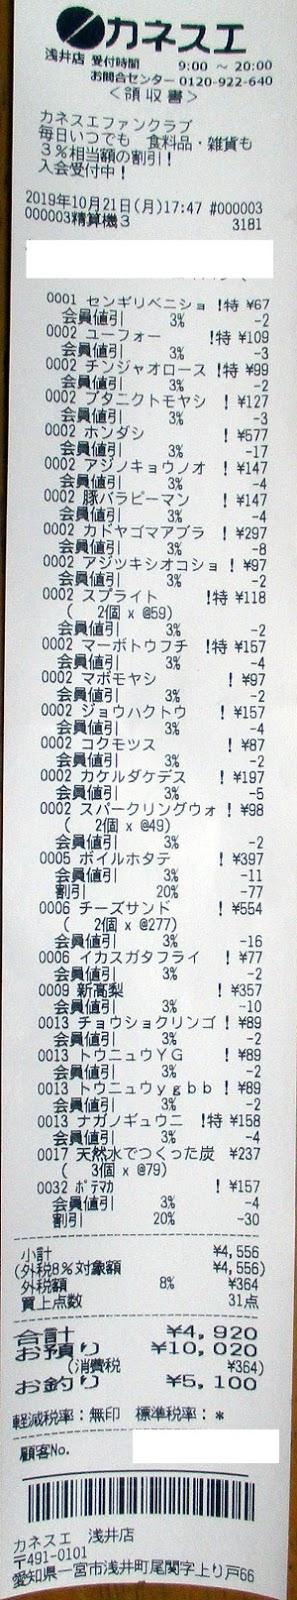 カネスエ 浅井店 2019/10/21 のレシート